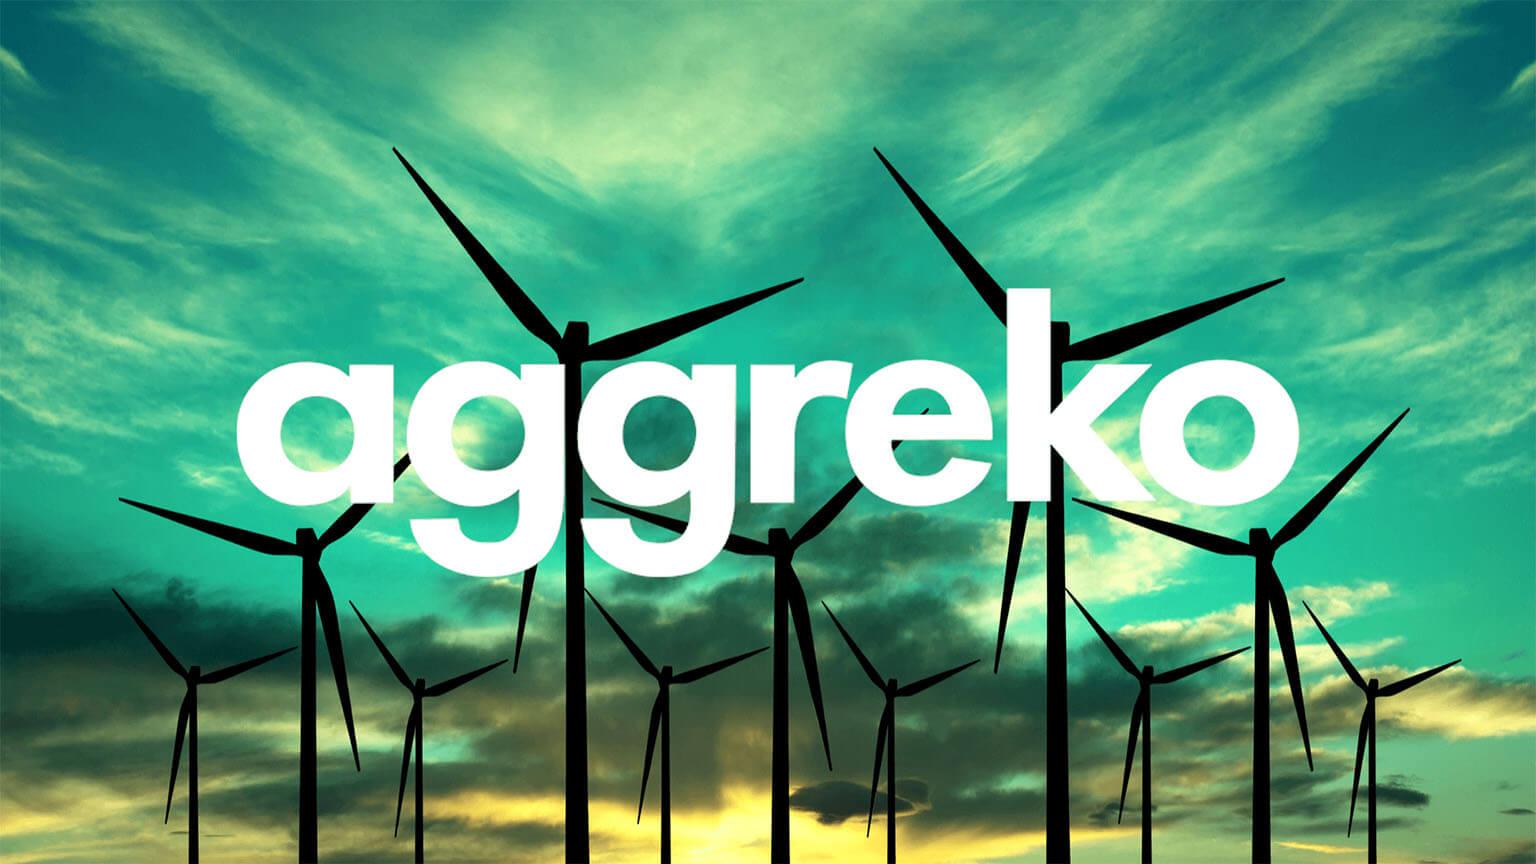 aggreko-chose-cch-tagetik-as-a-key-enabler-thumbnail